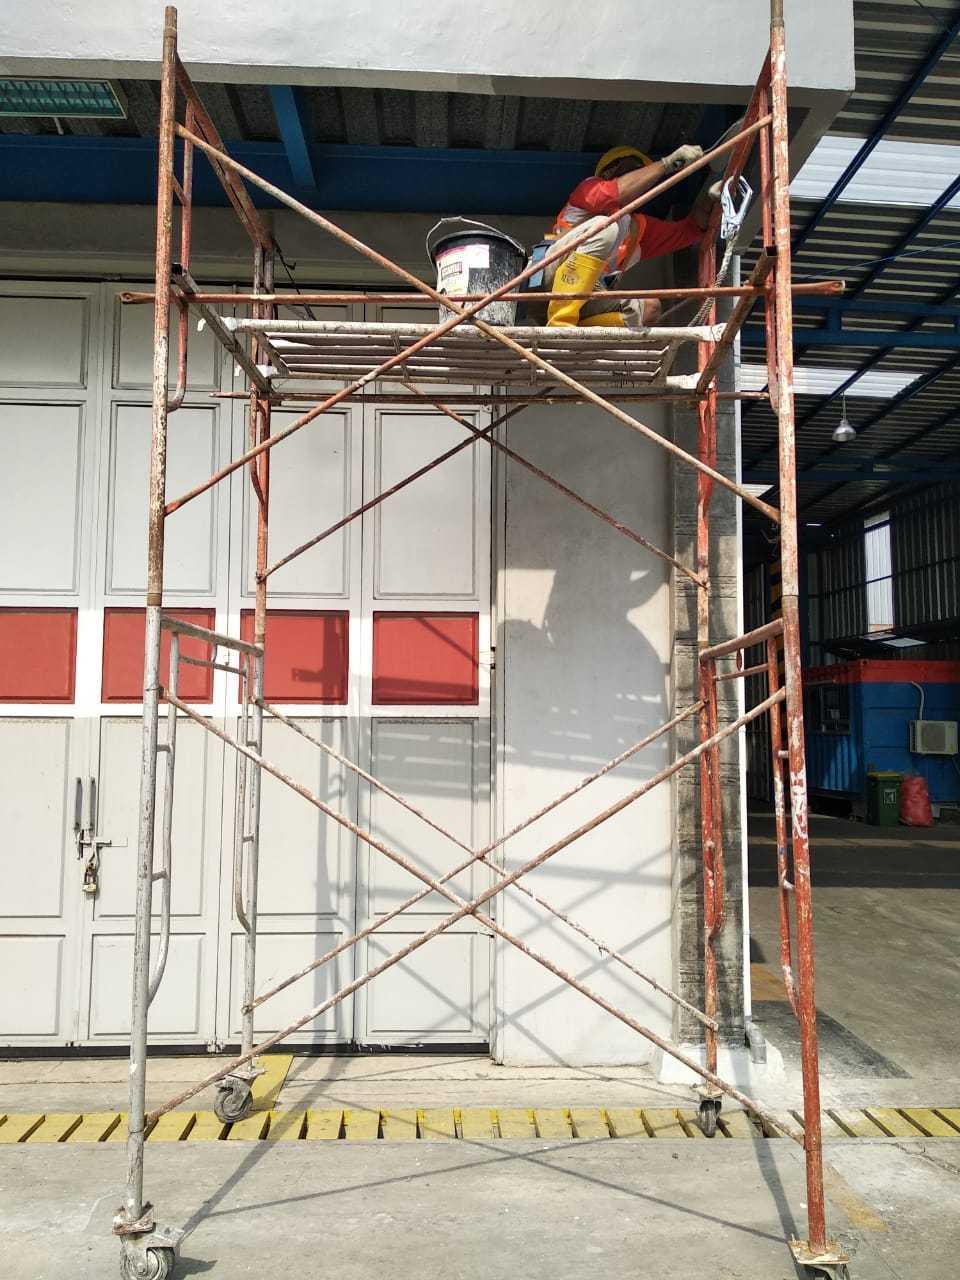 Jet Construction Renovasi Balkon Pt Sgl Kec. Klp. Gading, Kota Jkt Utara, Daerah Khusus Ibukota Jakarta, Indonesia Kec. Klp. Gading, Kota Jkt Utara, Daerah Khusus Ibukota Jakarta, Indonesia Jet-Construction-Renovasi-Balkon-Pt-Sgl  106968